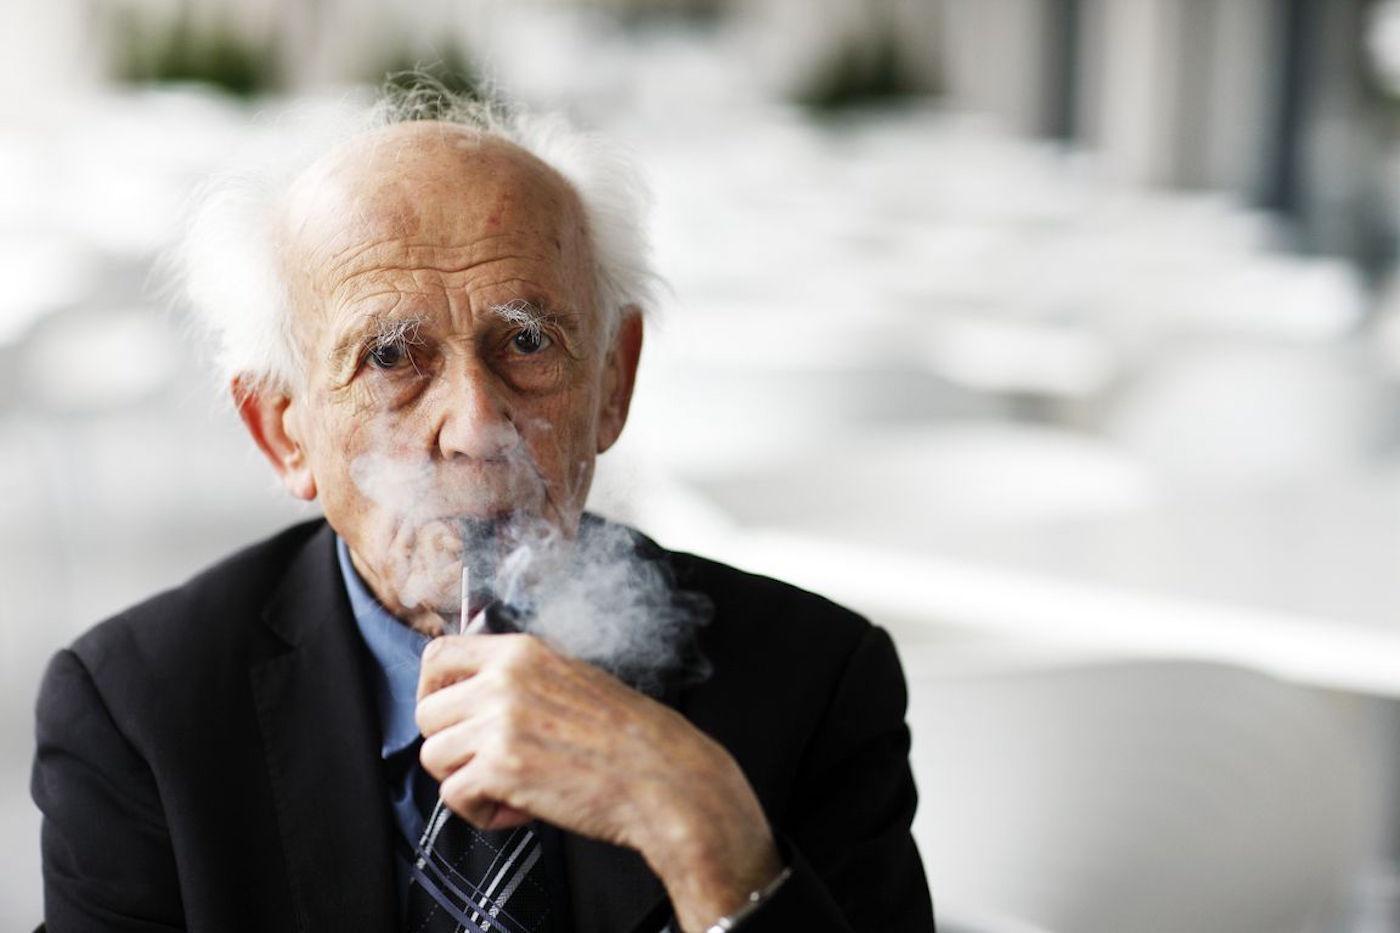 Addio a Zygmunt Bauman: le parole di uno dei grandi pensatori dei nostri tempi